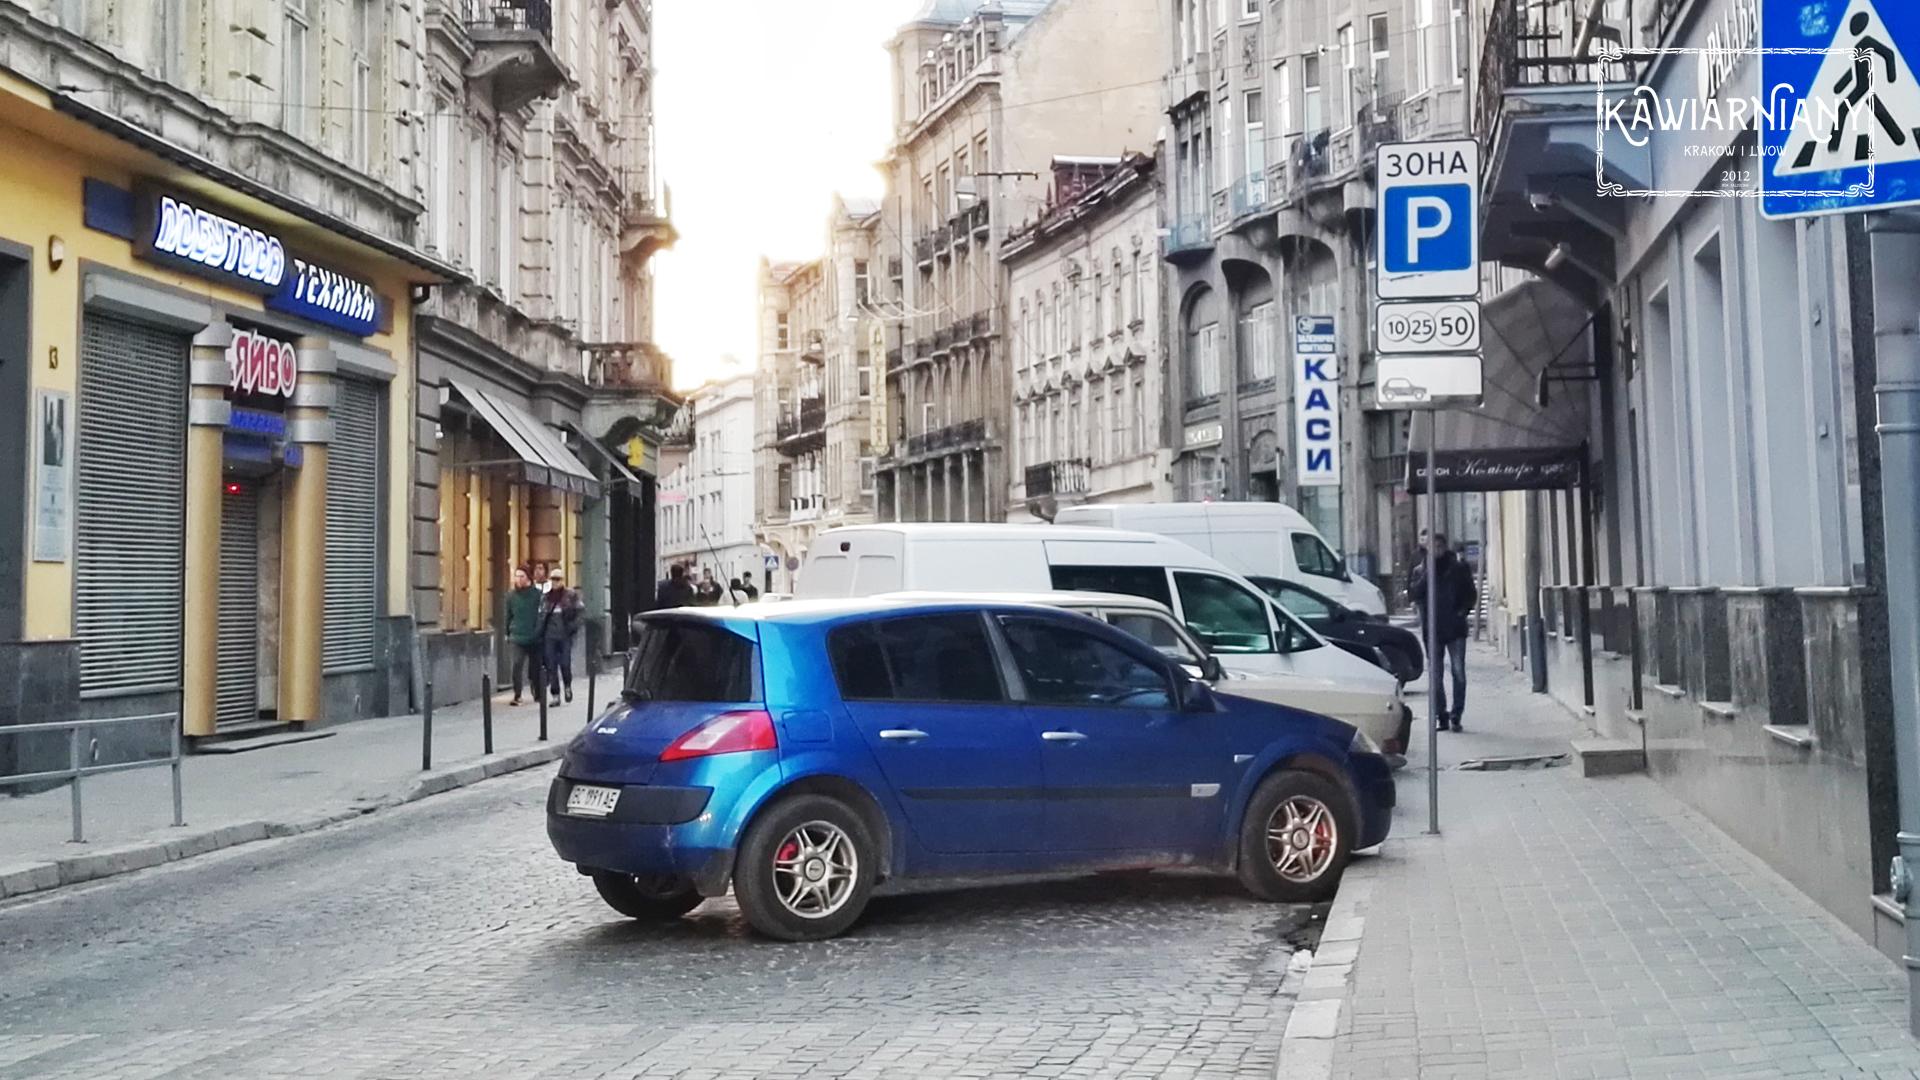 Samochodem do Lwowa: Parkingi strzeżone w centrum Lwowa